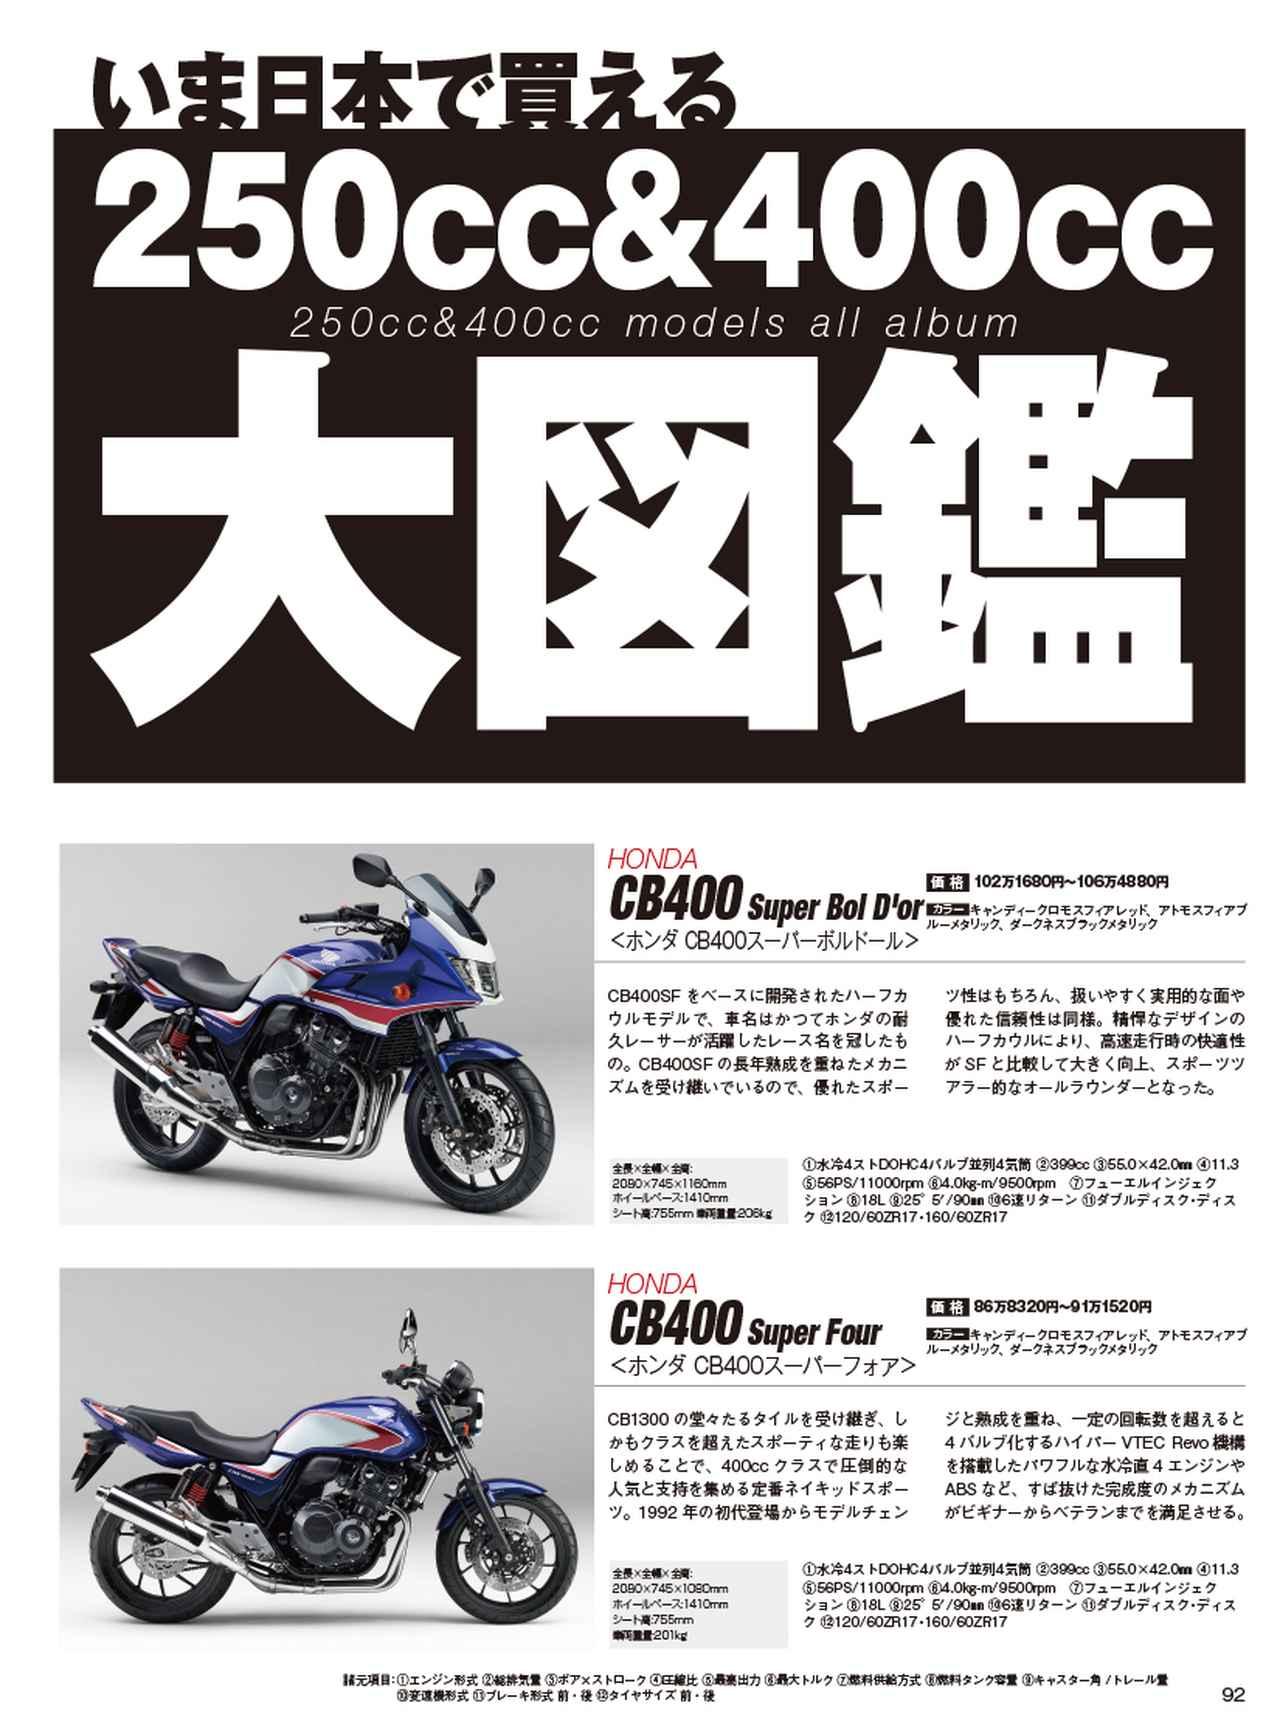 画像: インプレや比較企画をたっぷりお届けしたのち、巻末は「いま日本で買える250cc&400cc大図鑑」を収録。スペックや値段、概要を手早く確認したいときに役立ちます。